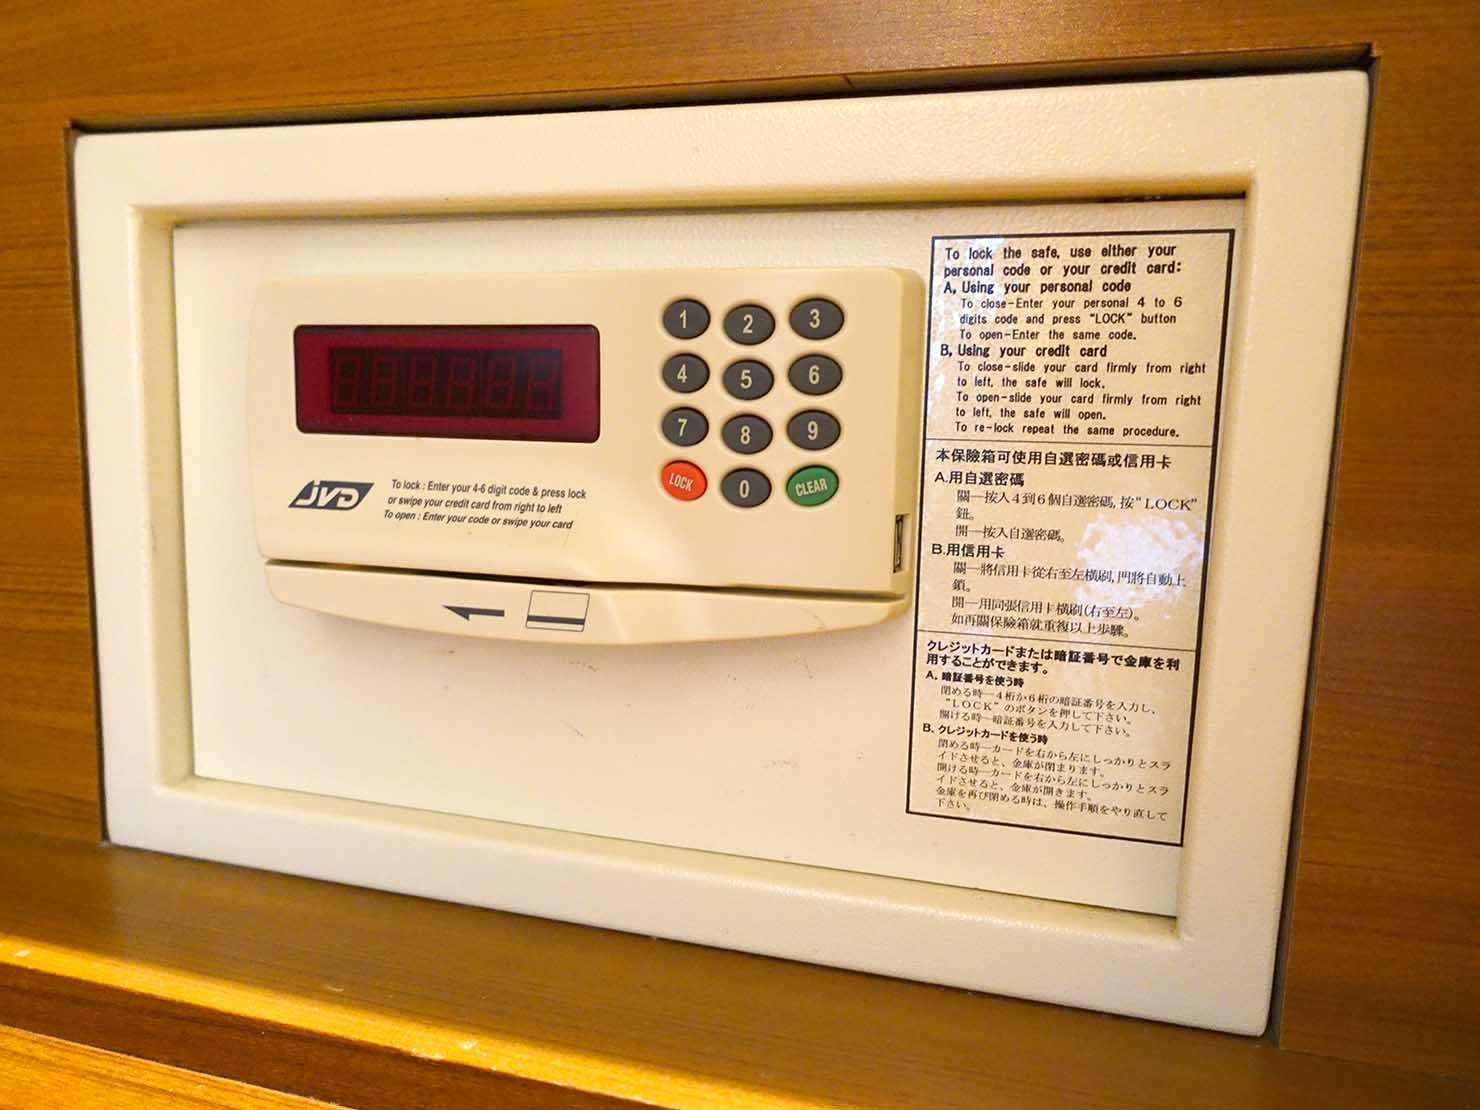 花蓮市街中心部にあるホテル「馥麗生活旅店 Quality Inn」スーペリアダブルのセキュリティボックス